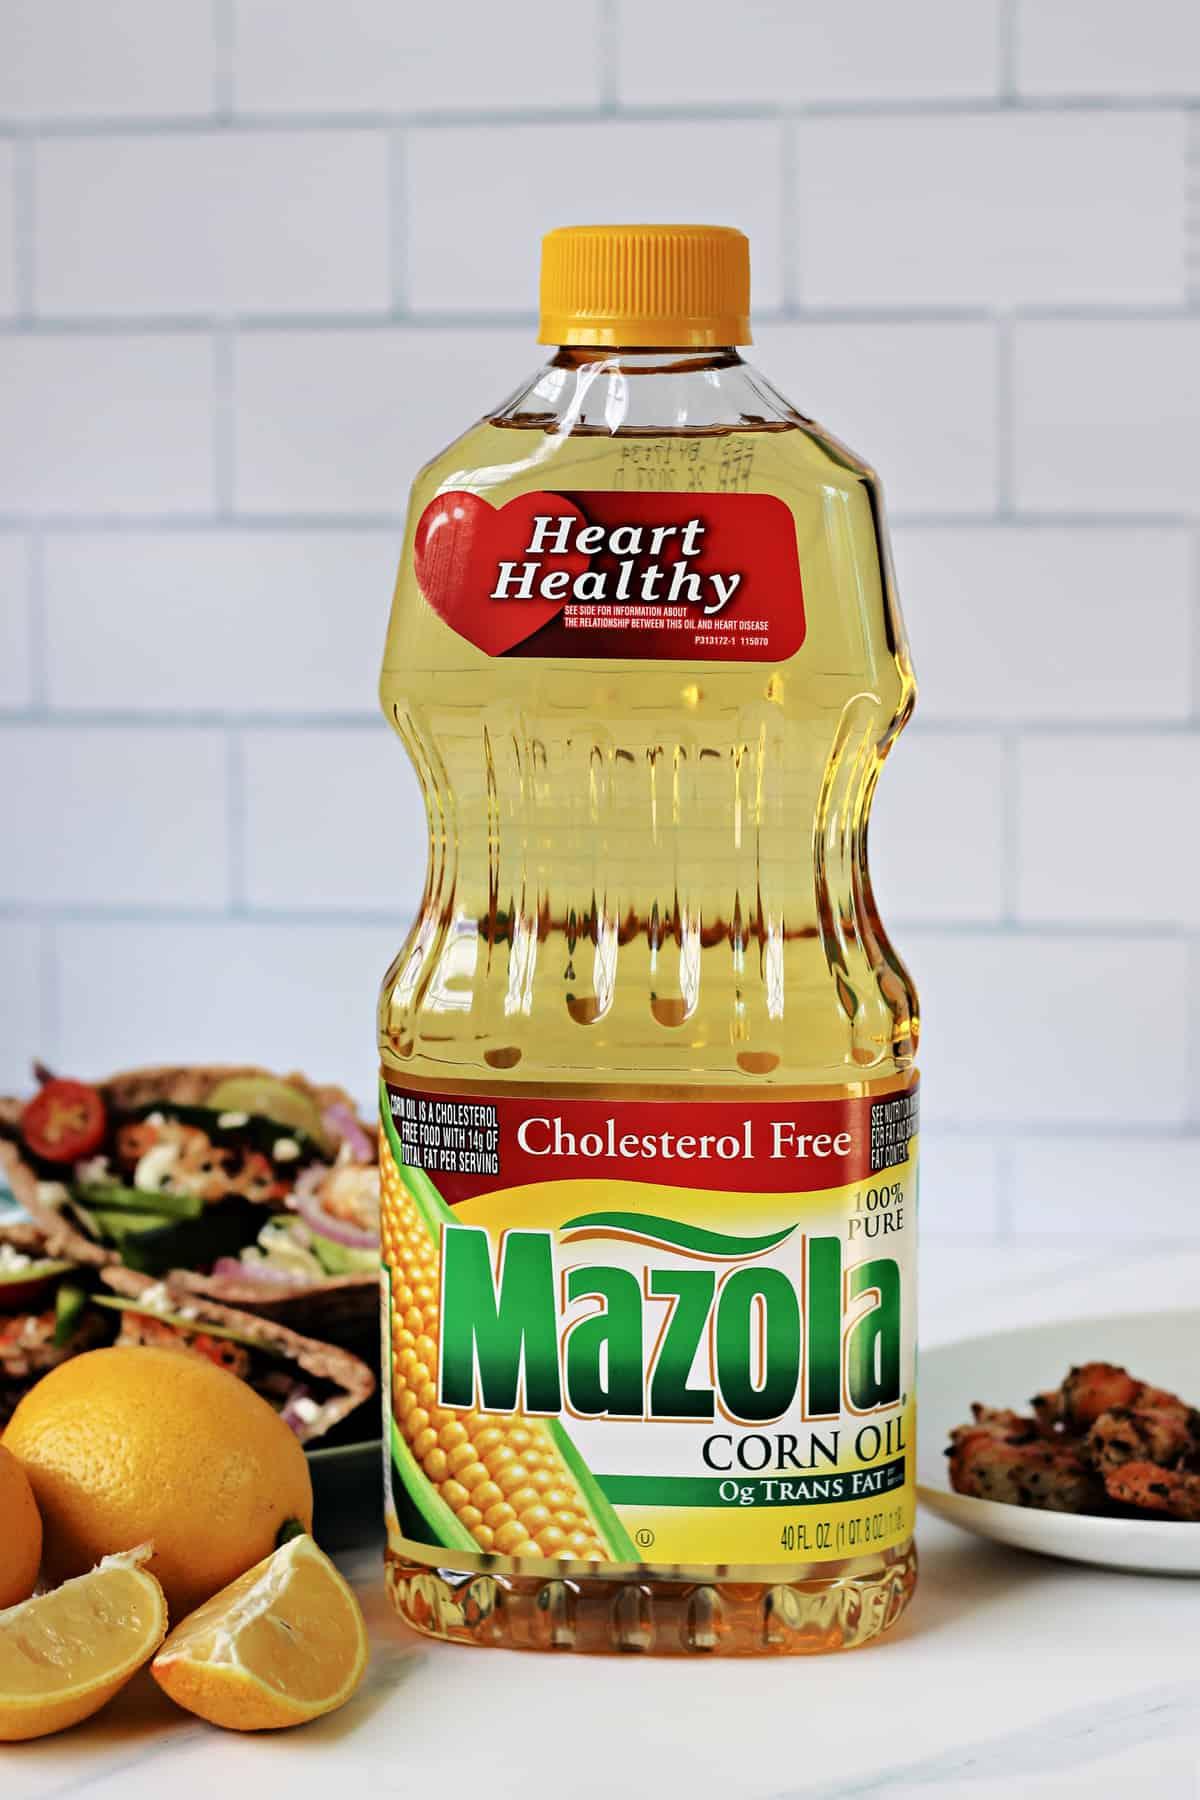 Mazola Corn Oil next to Grilled Greek Shrimp Pitas.